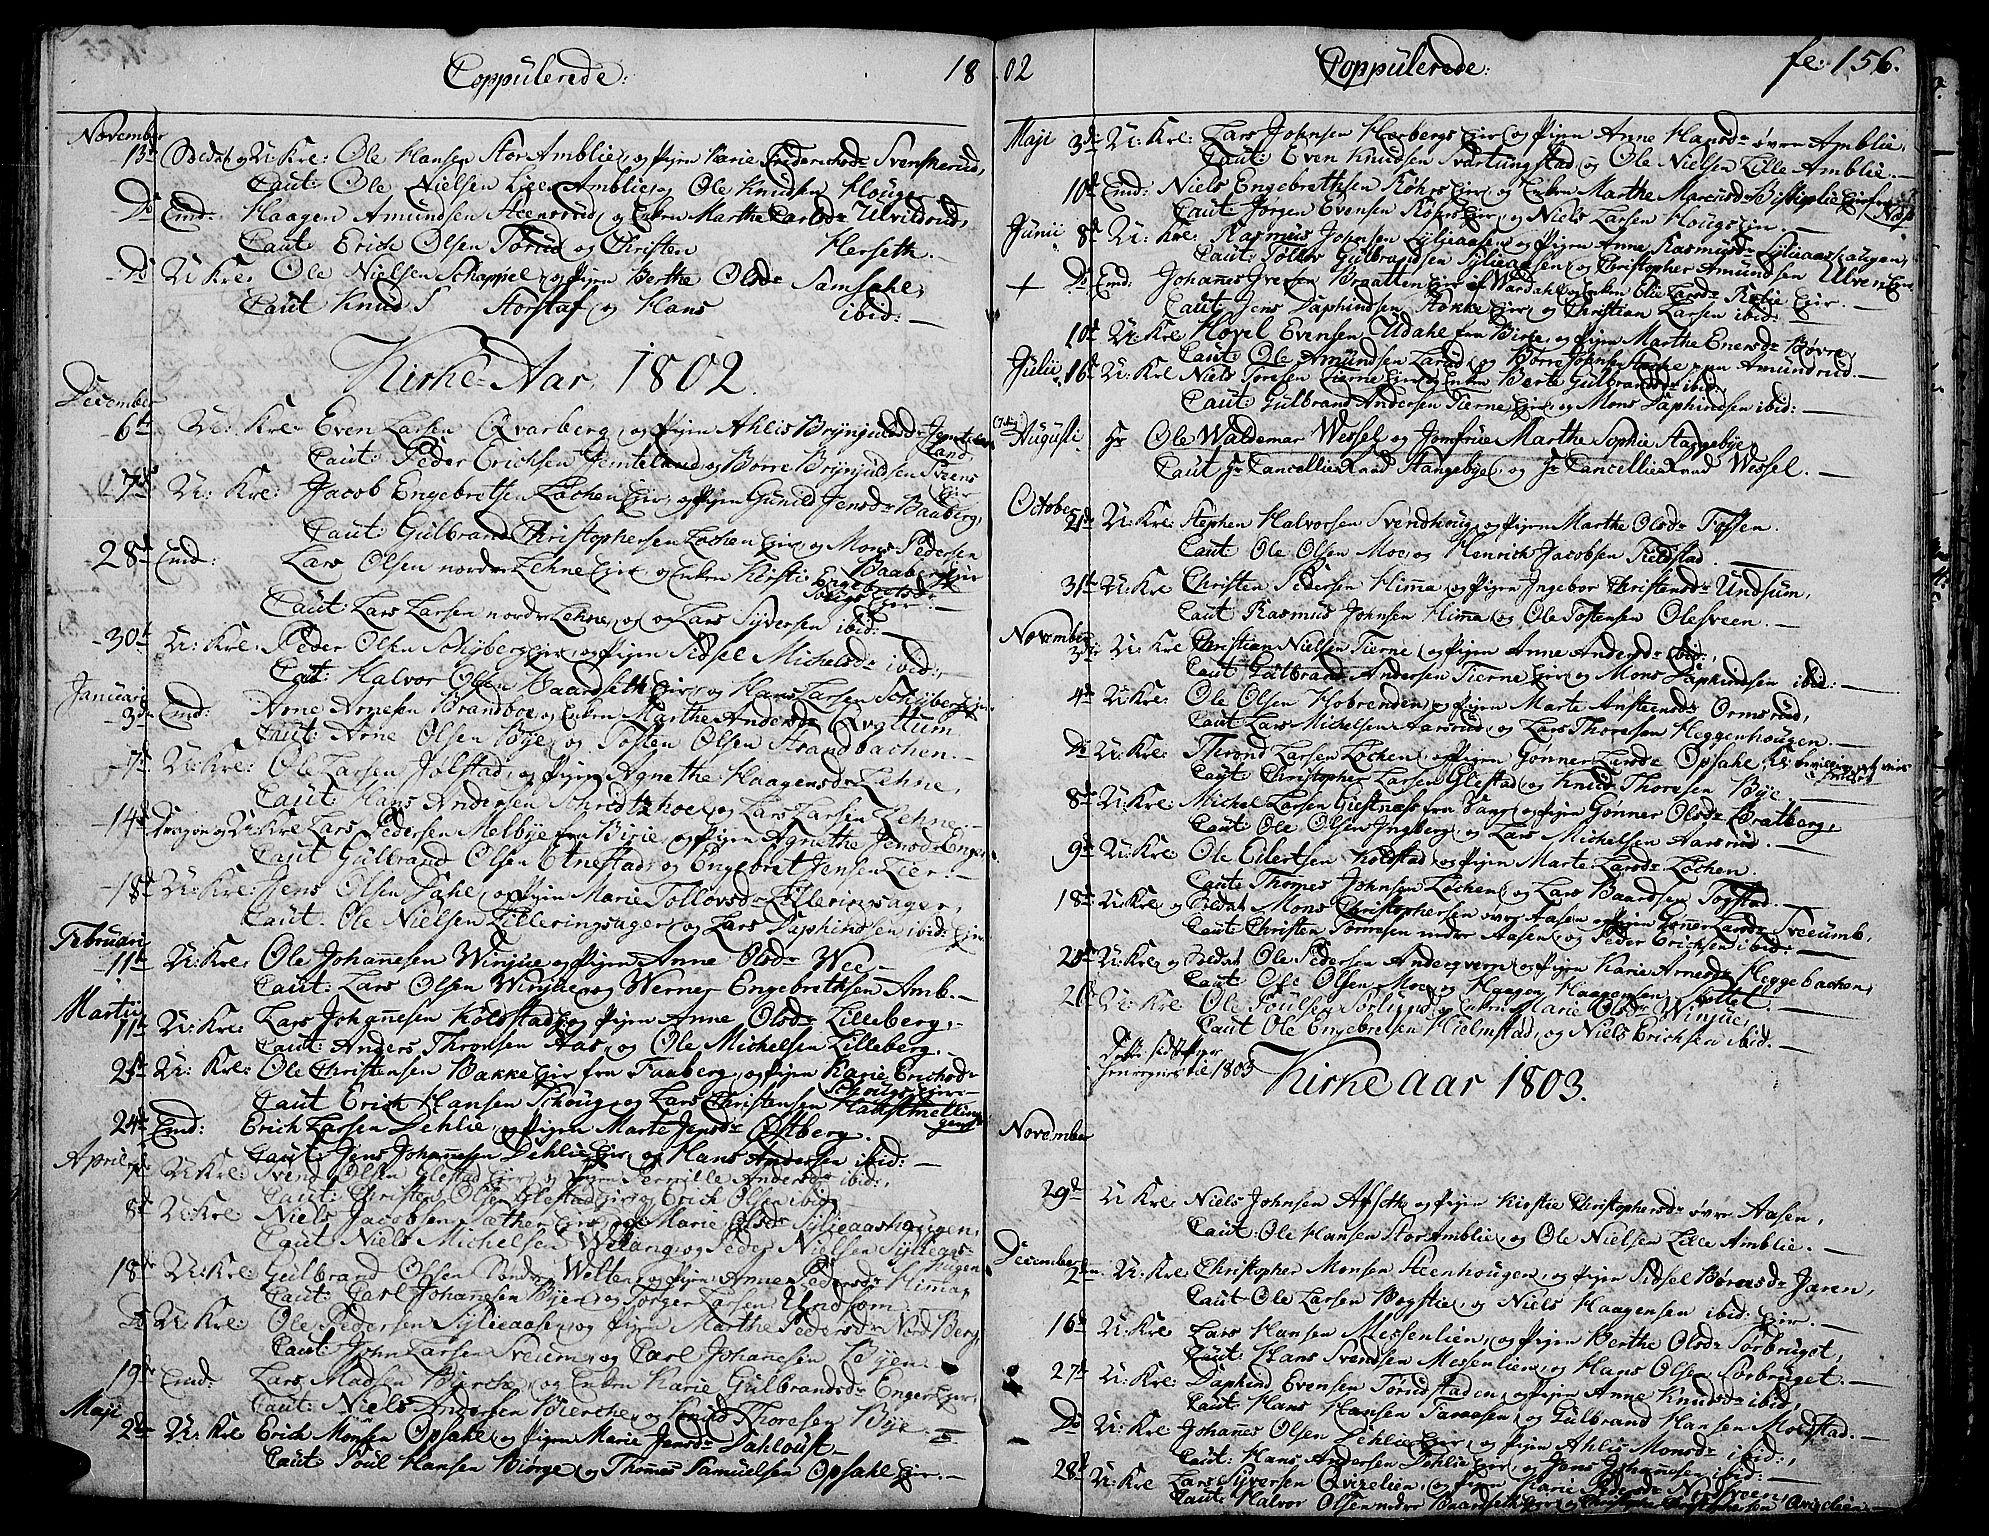 SAH, Ringsaker prestekontor, K/Ka/L0004: Ministerialbok nr. 4, 1799-1814, s. 156